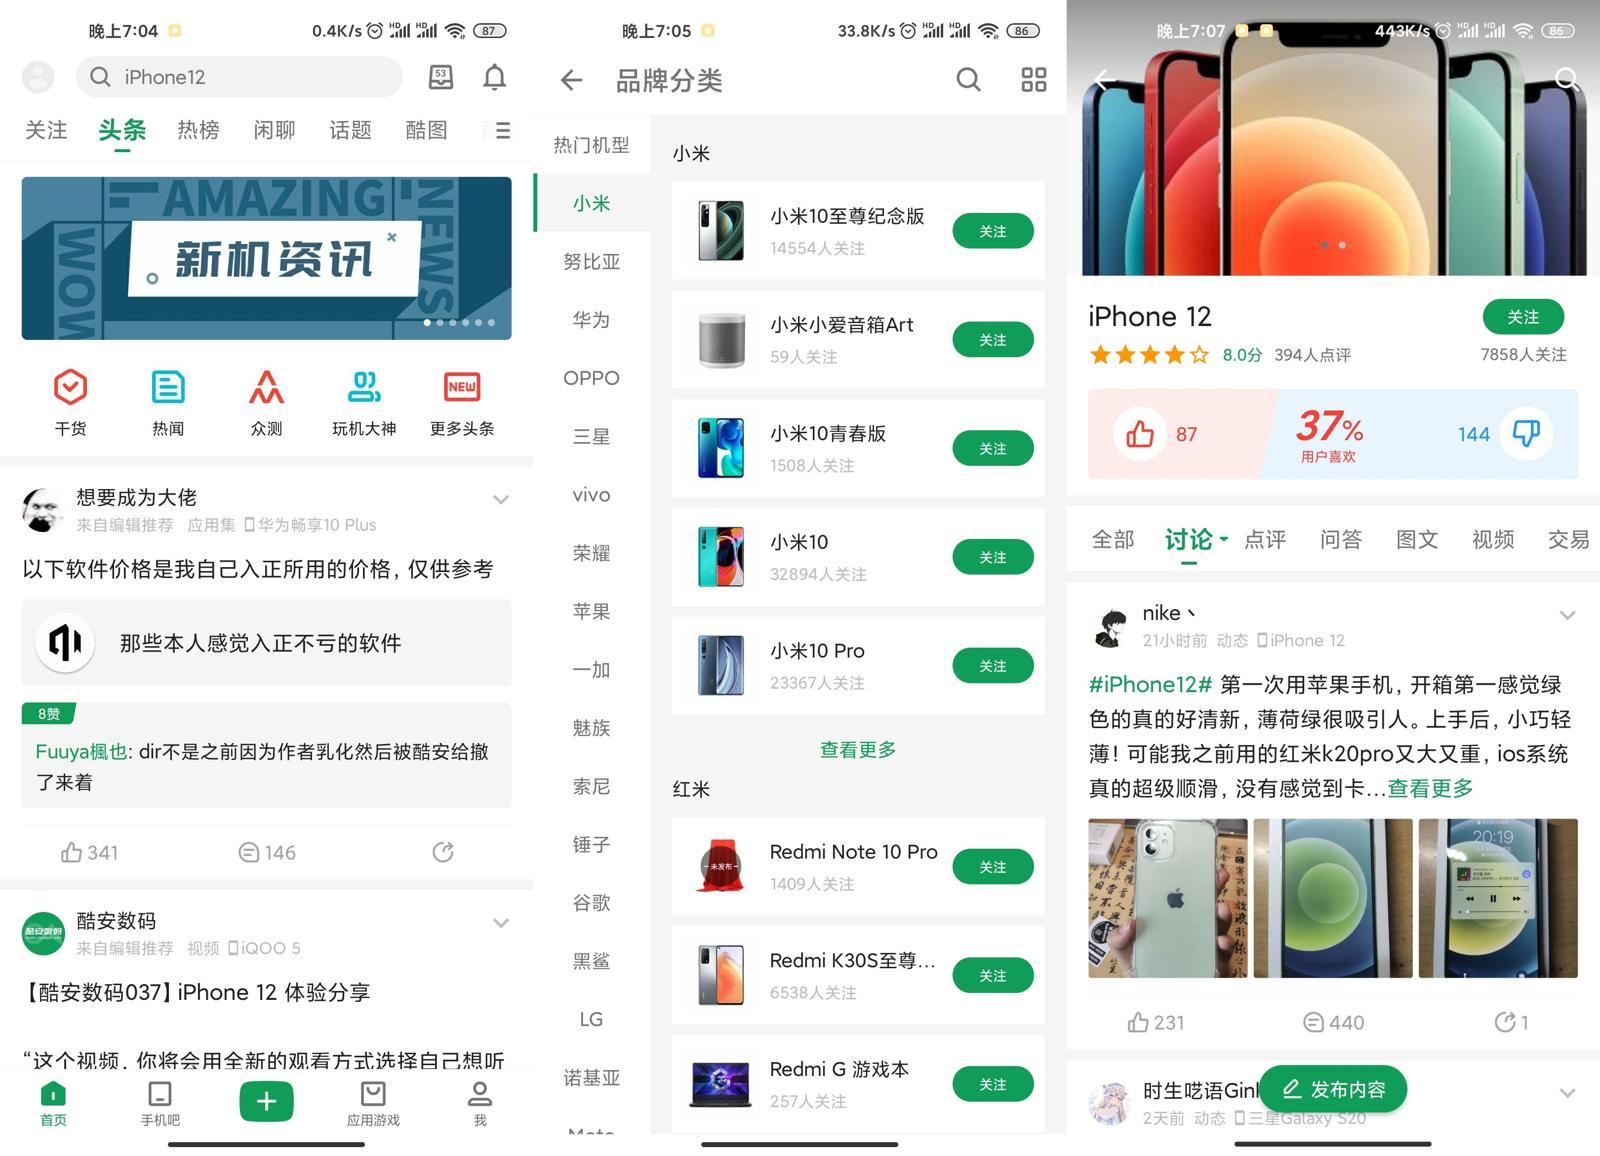 安卓酷安v11.4.0去广告优化版国内最有特色的应用市场门户